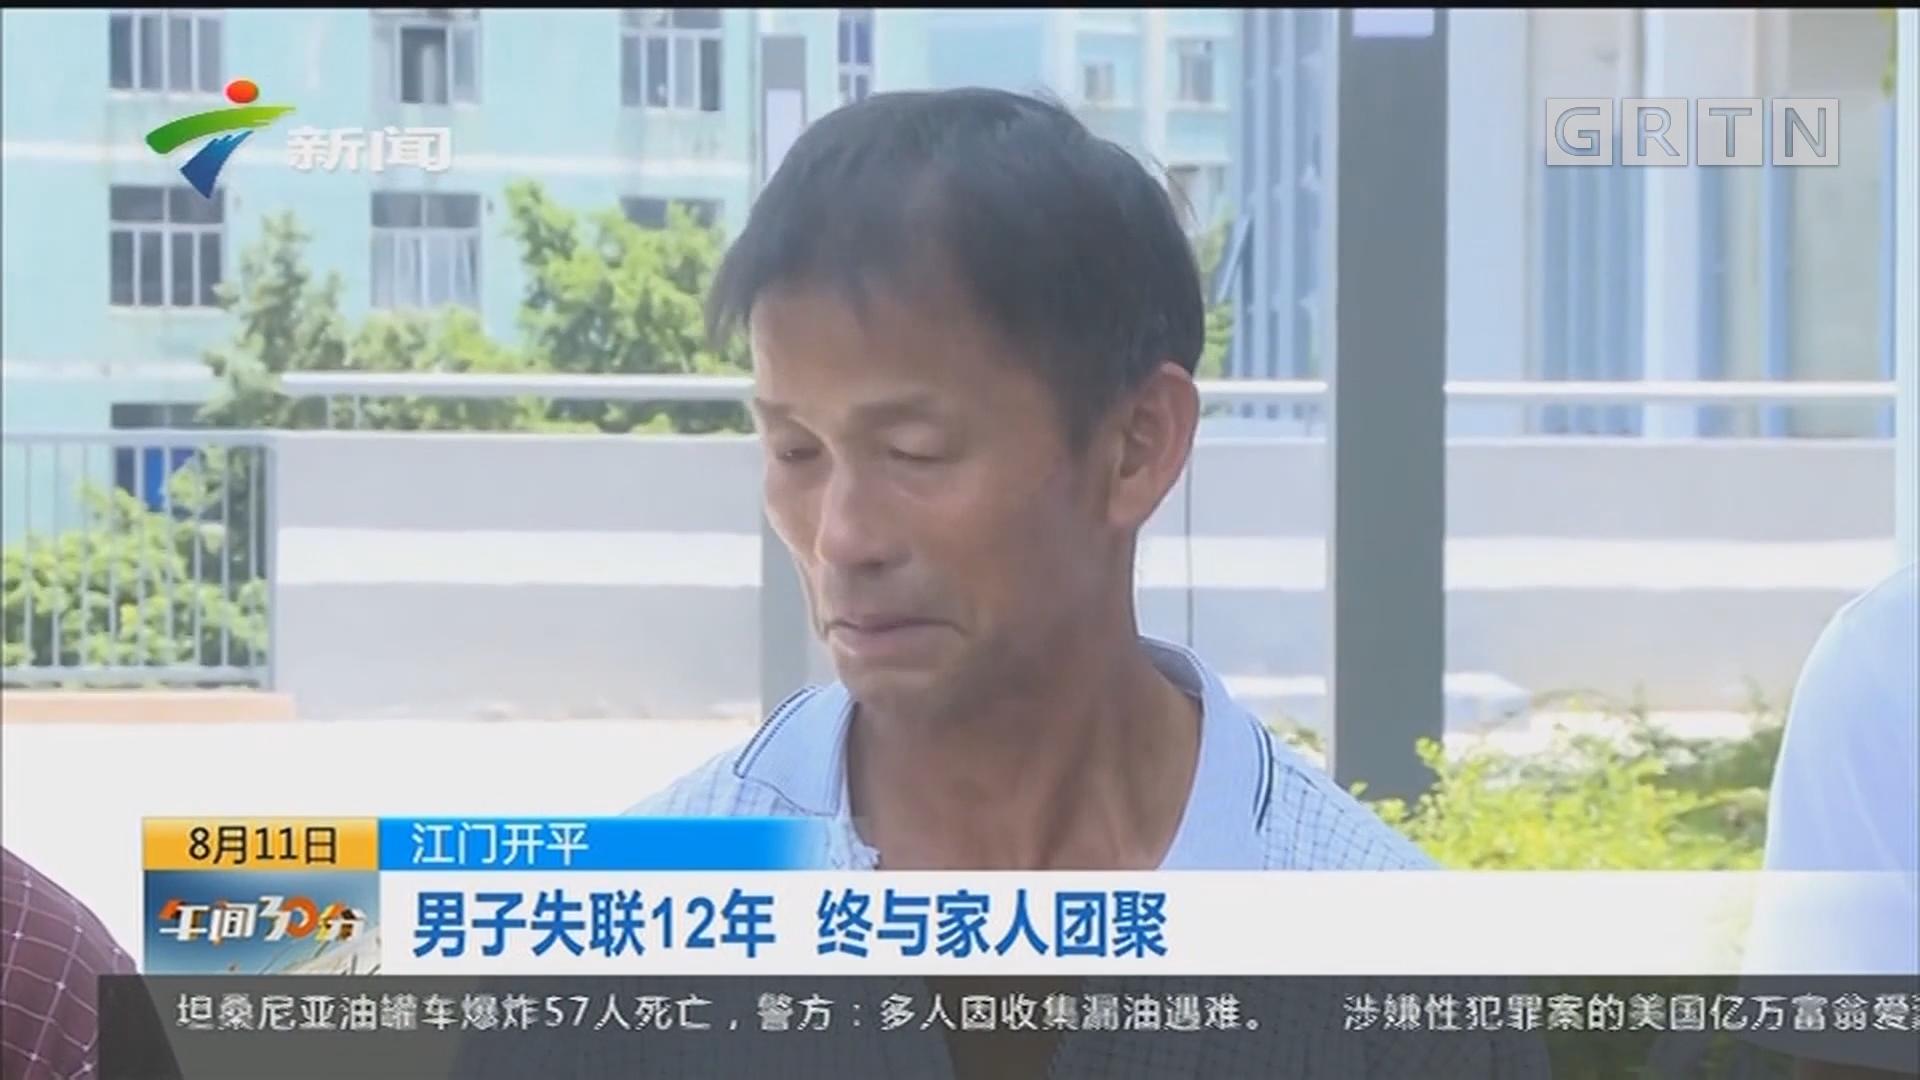 江门开平:男子失联12年 终与家人团聚